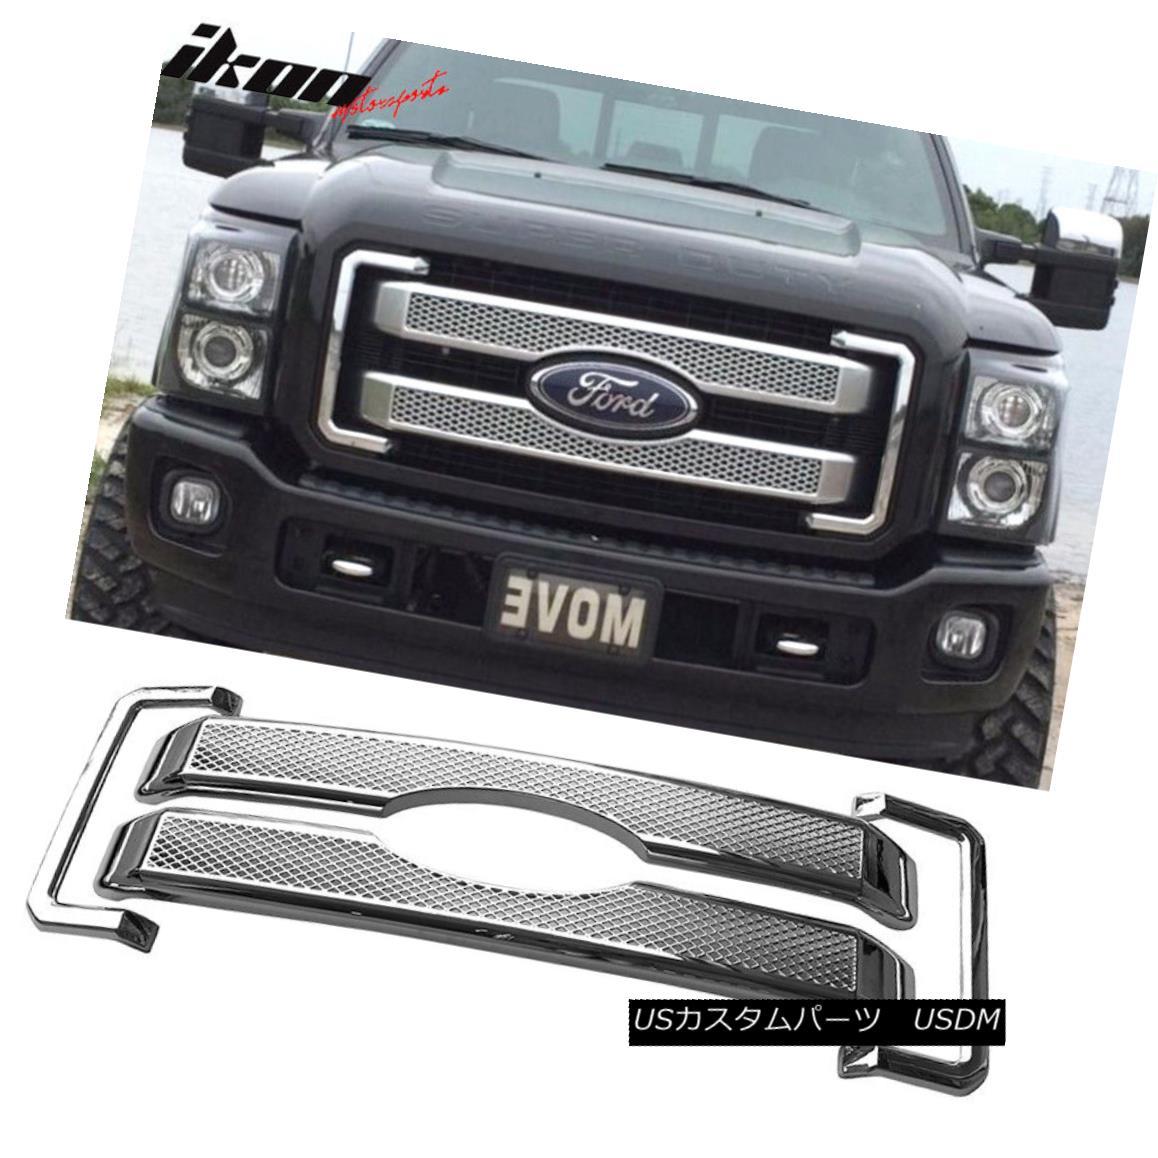 グリル For 11-16 Ford F250 350 450 Super Duty Platinum Style Moulding Front Mesh Grille 11-16 Ford F250 350 450スーパーデューティープラチナスタイルモールディングフロントメッシュグリル